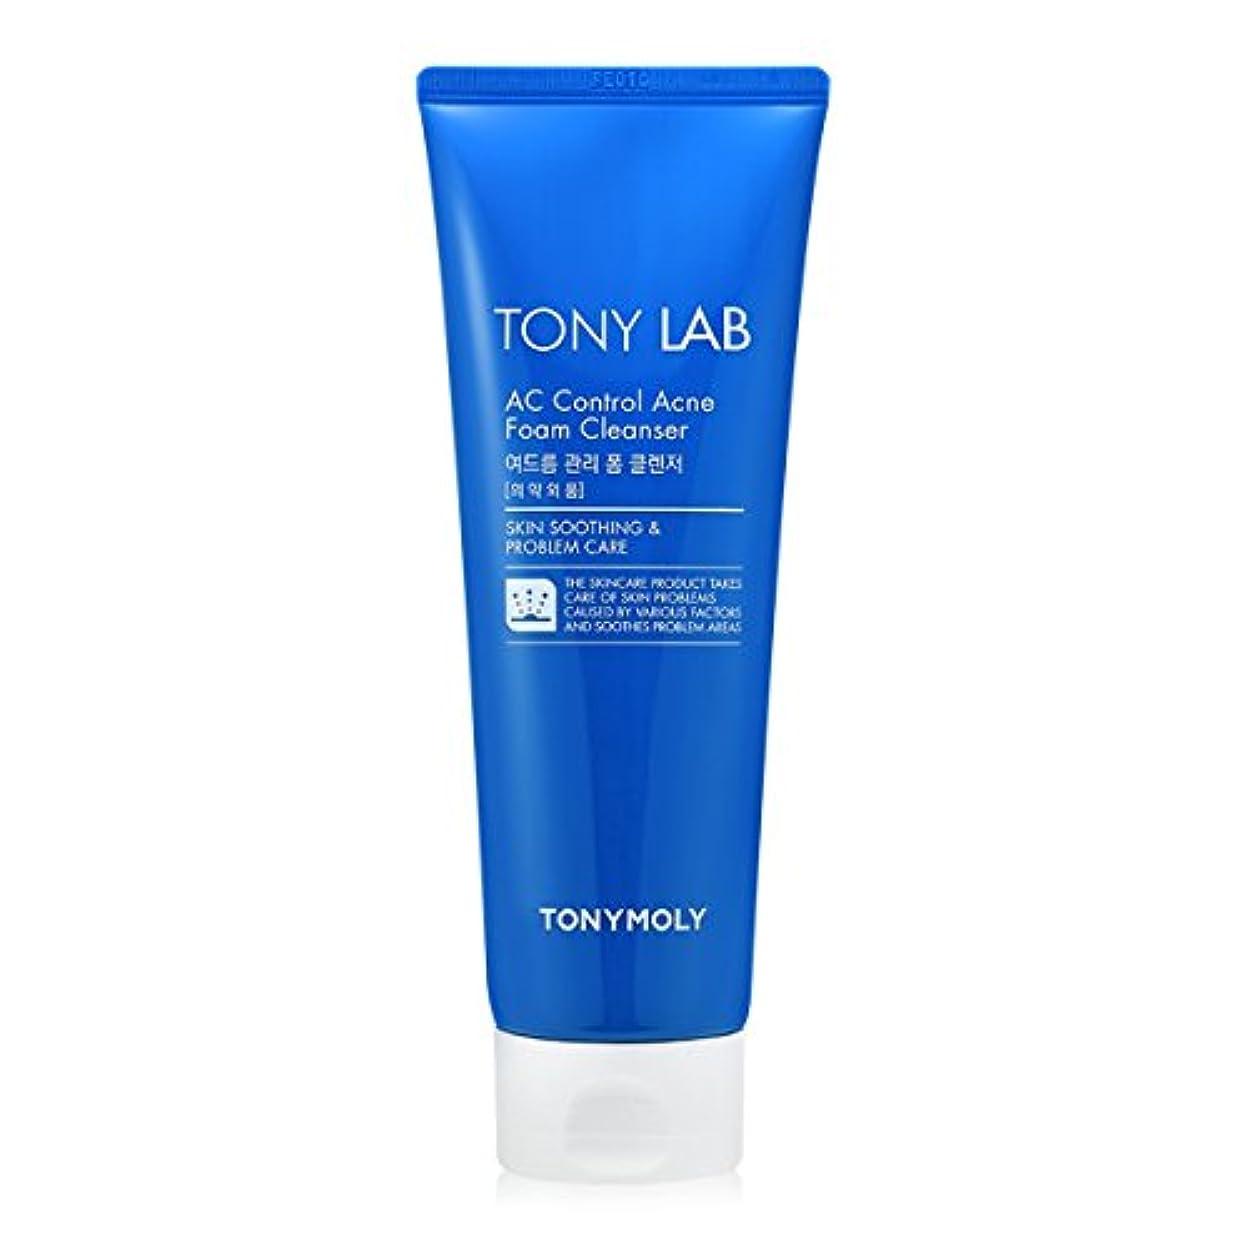 夕方レール仕立て屋[New] TONYMOLY Tony Lab AC Control Acne Foam Cleanser 150ml/トニーモリー トニー ラボ AC コントロール アクネ フォーム クレンザー 150ml [並行輸入品]